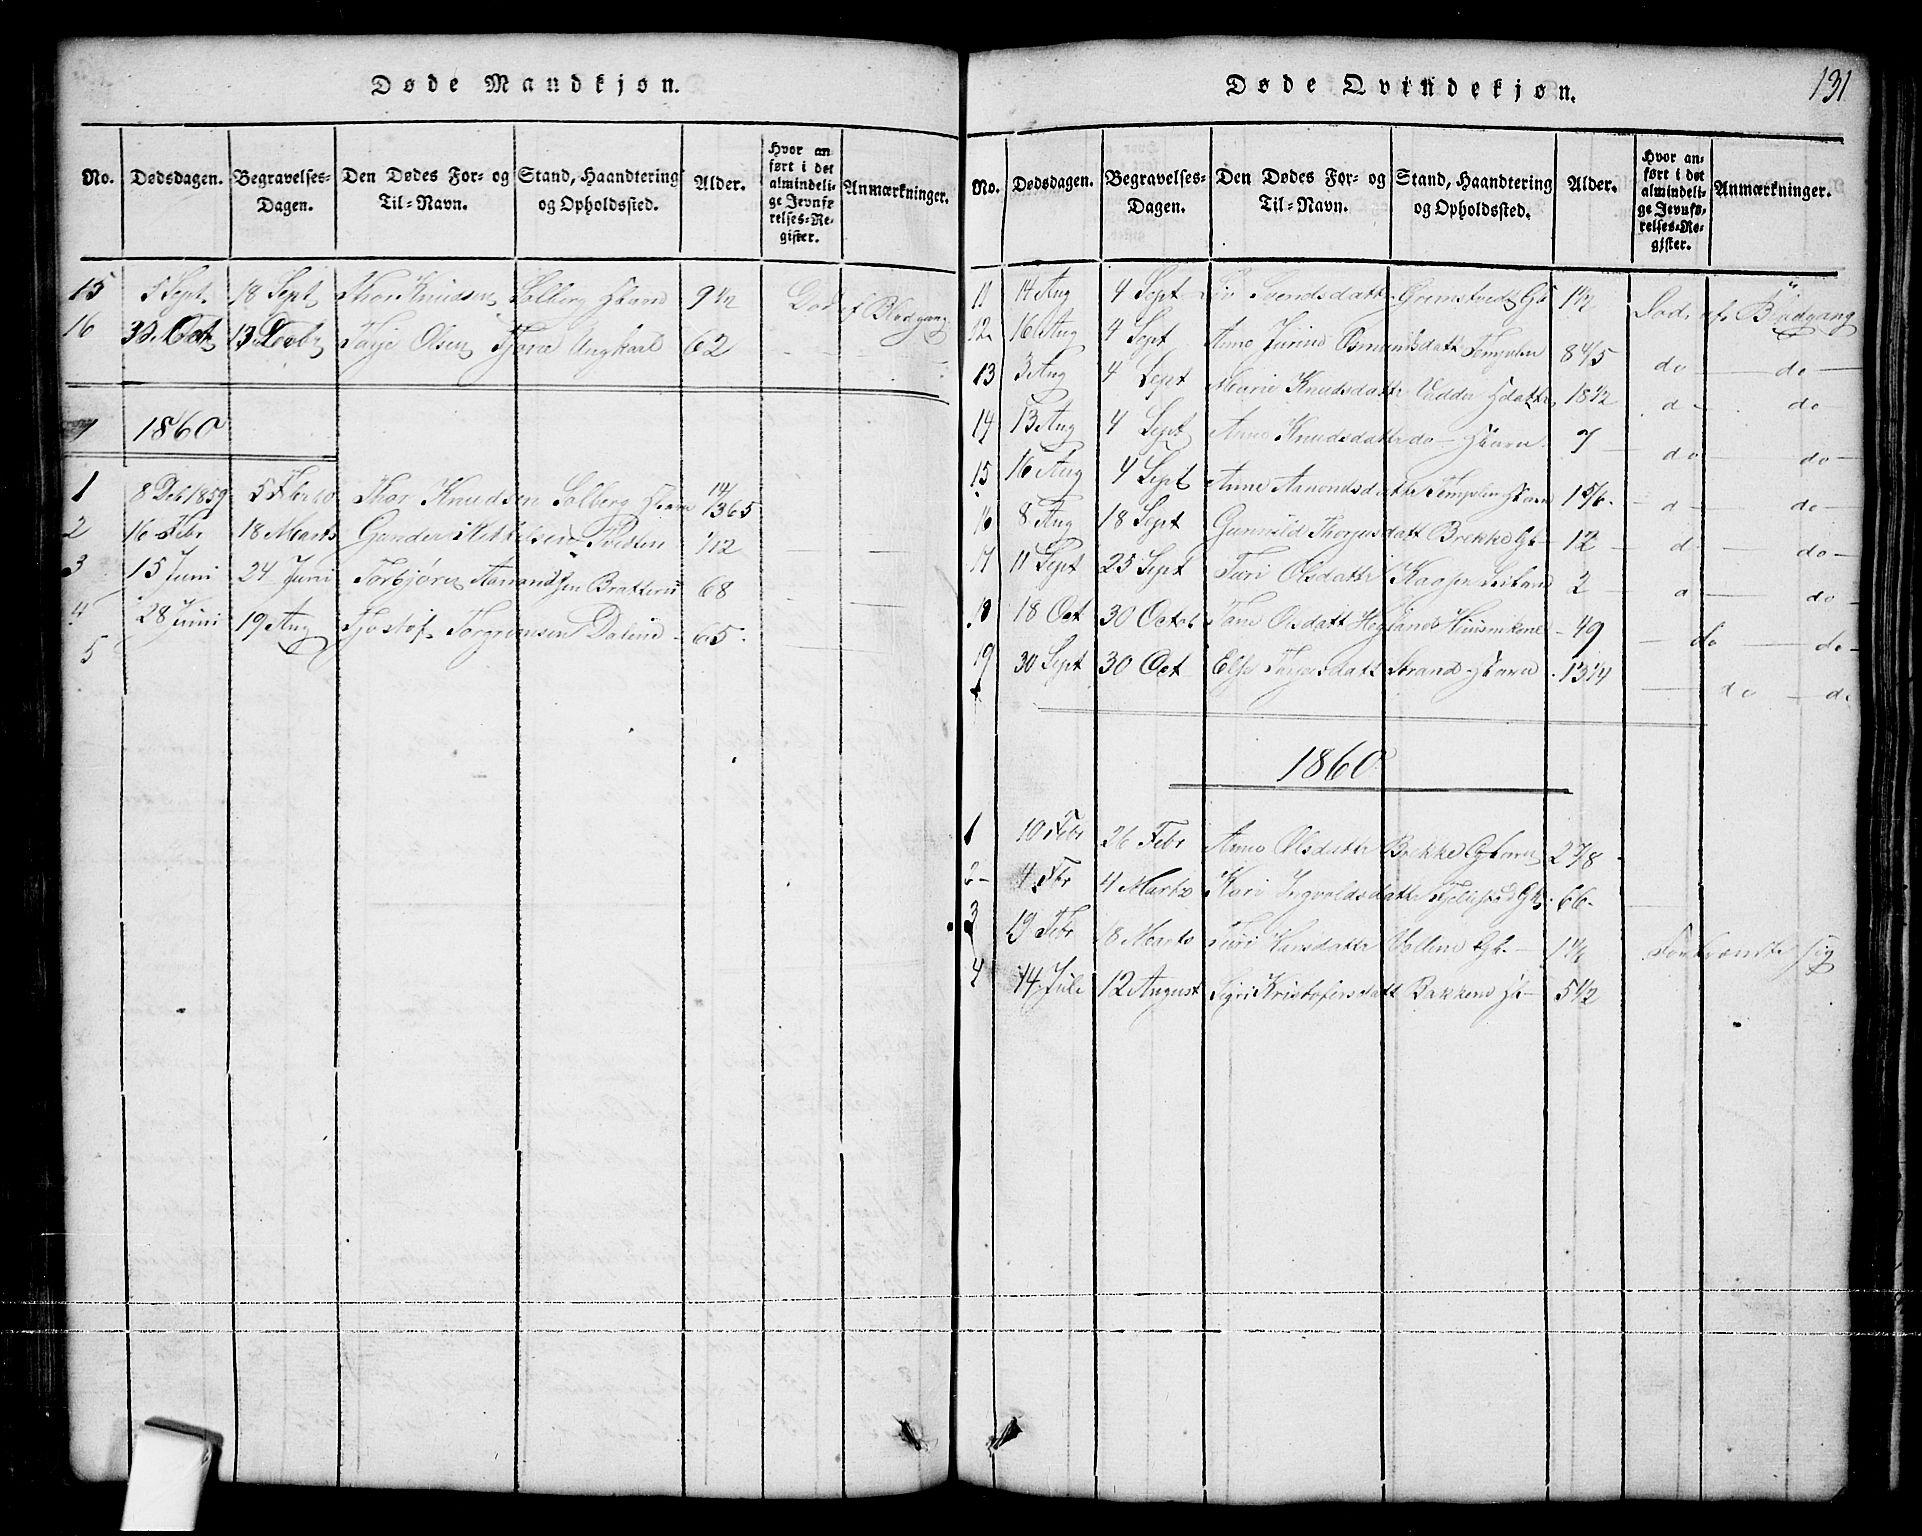 SAKO, Nissedal kirkebøker, G/Ga/L0001: Klokkerbok nr. I 1, 1814-1860, s. 131